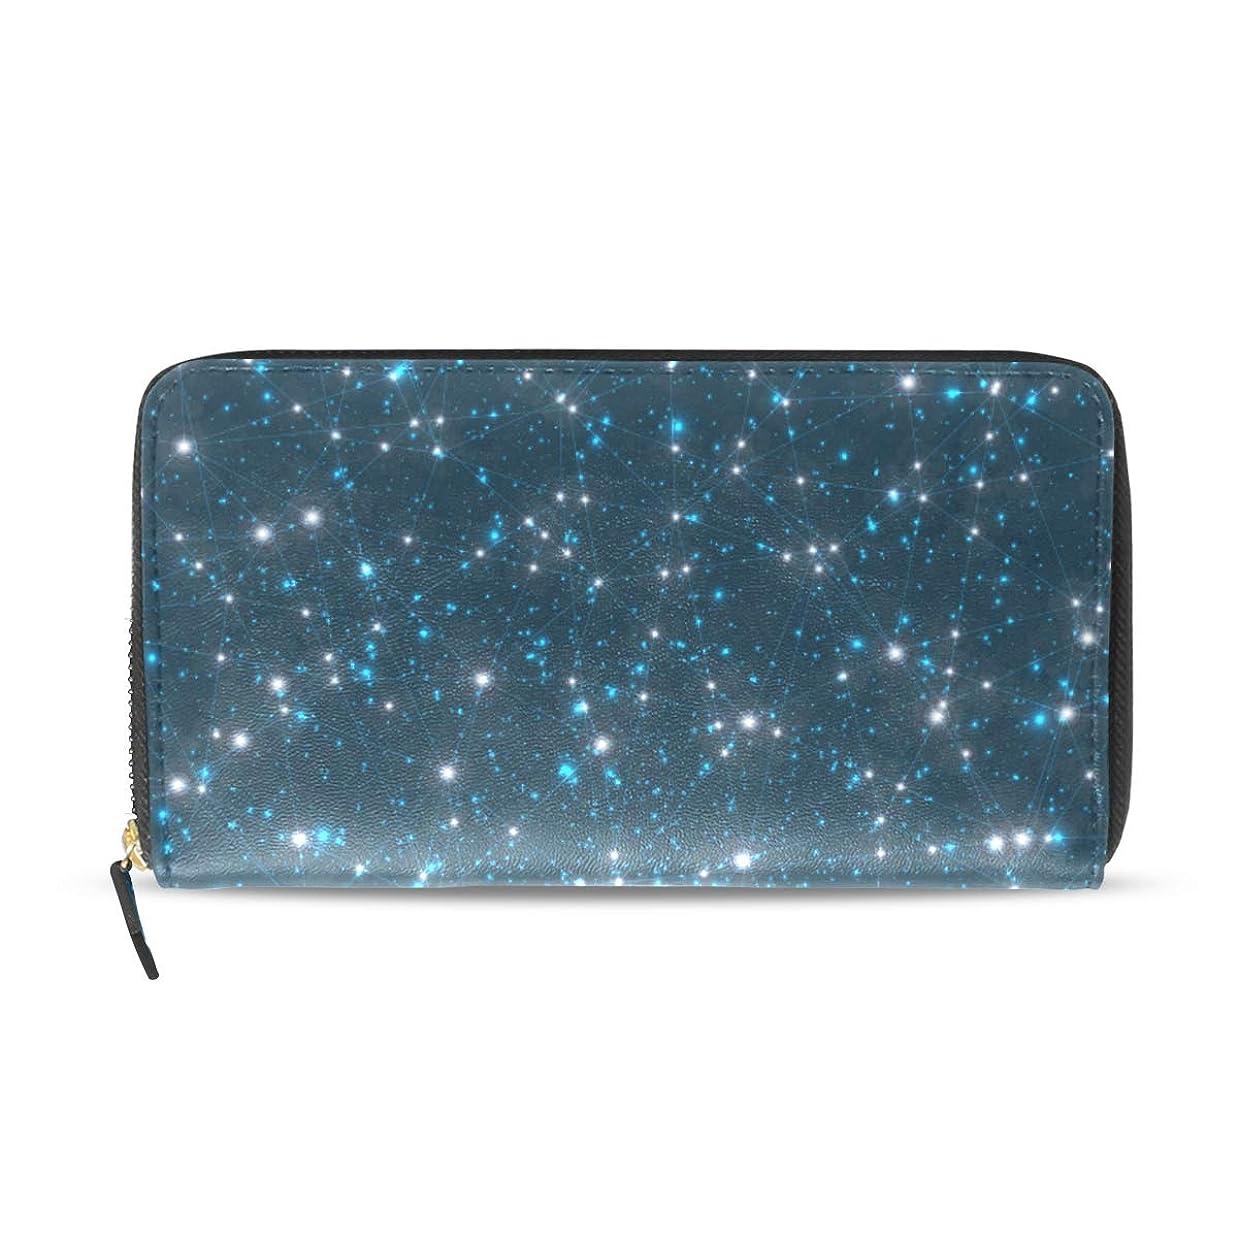 モナリザ気性笑いユサキ(USAKI) 長財布 レディース 星座 星空 星柄 宇宙柄 ブラック 大容量 レザー ラウンドファスナー おしゃれ コインケース プレゼント